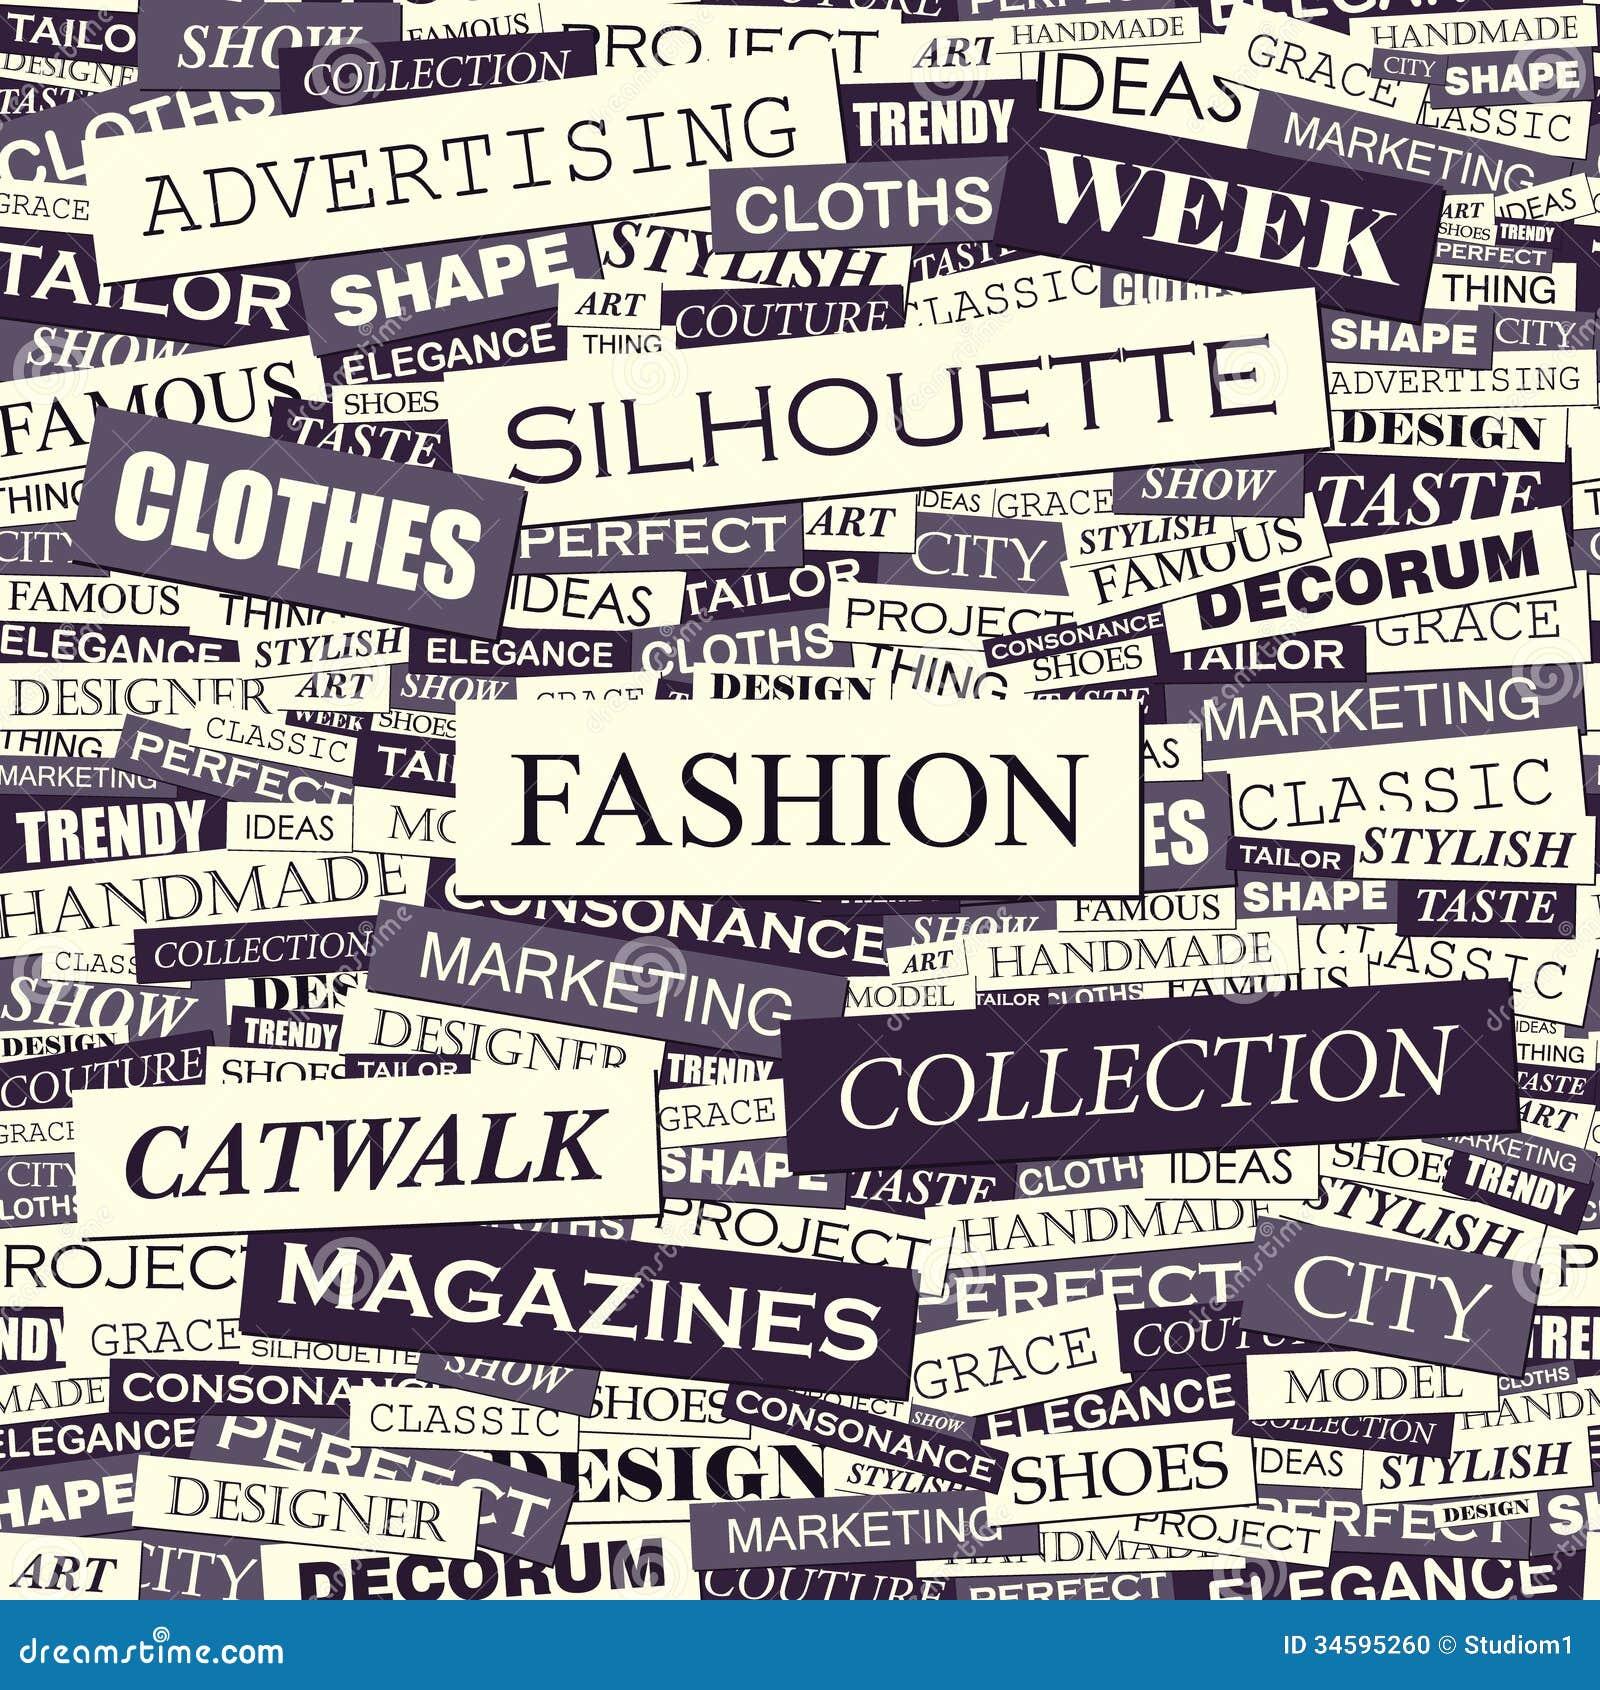 Fashion Stock Photo Image 34595260